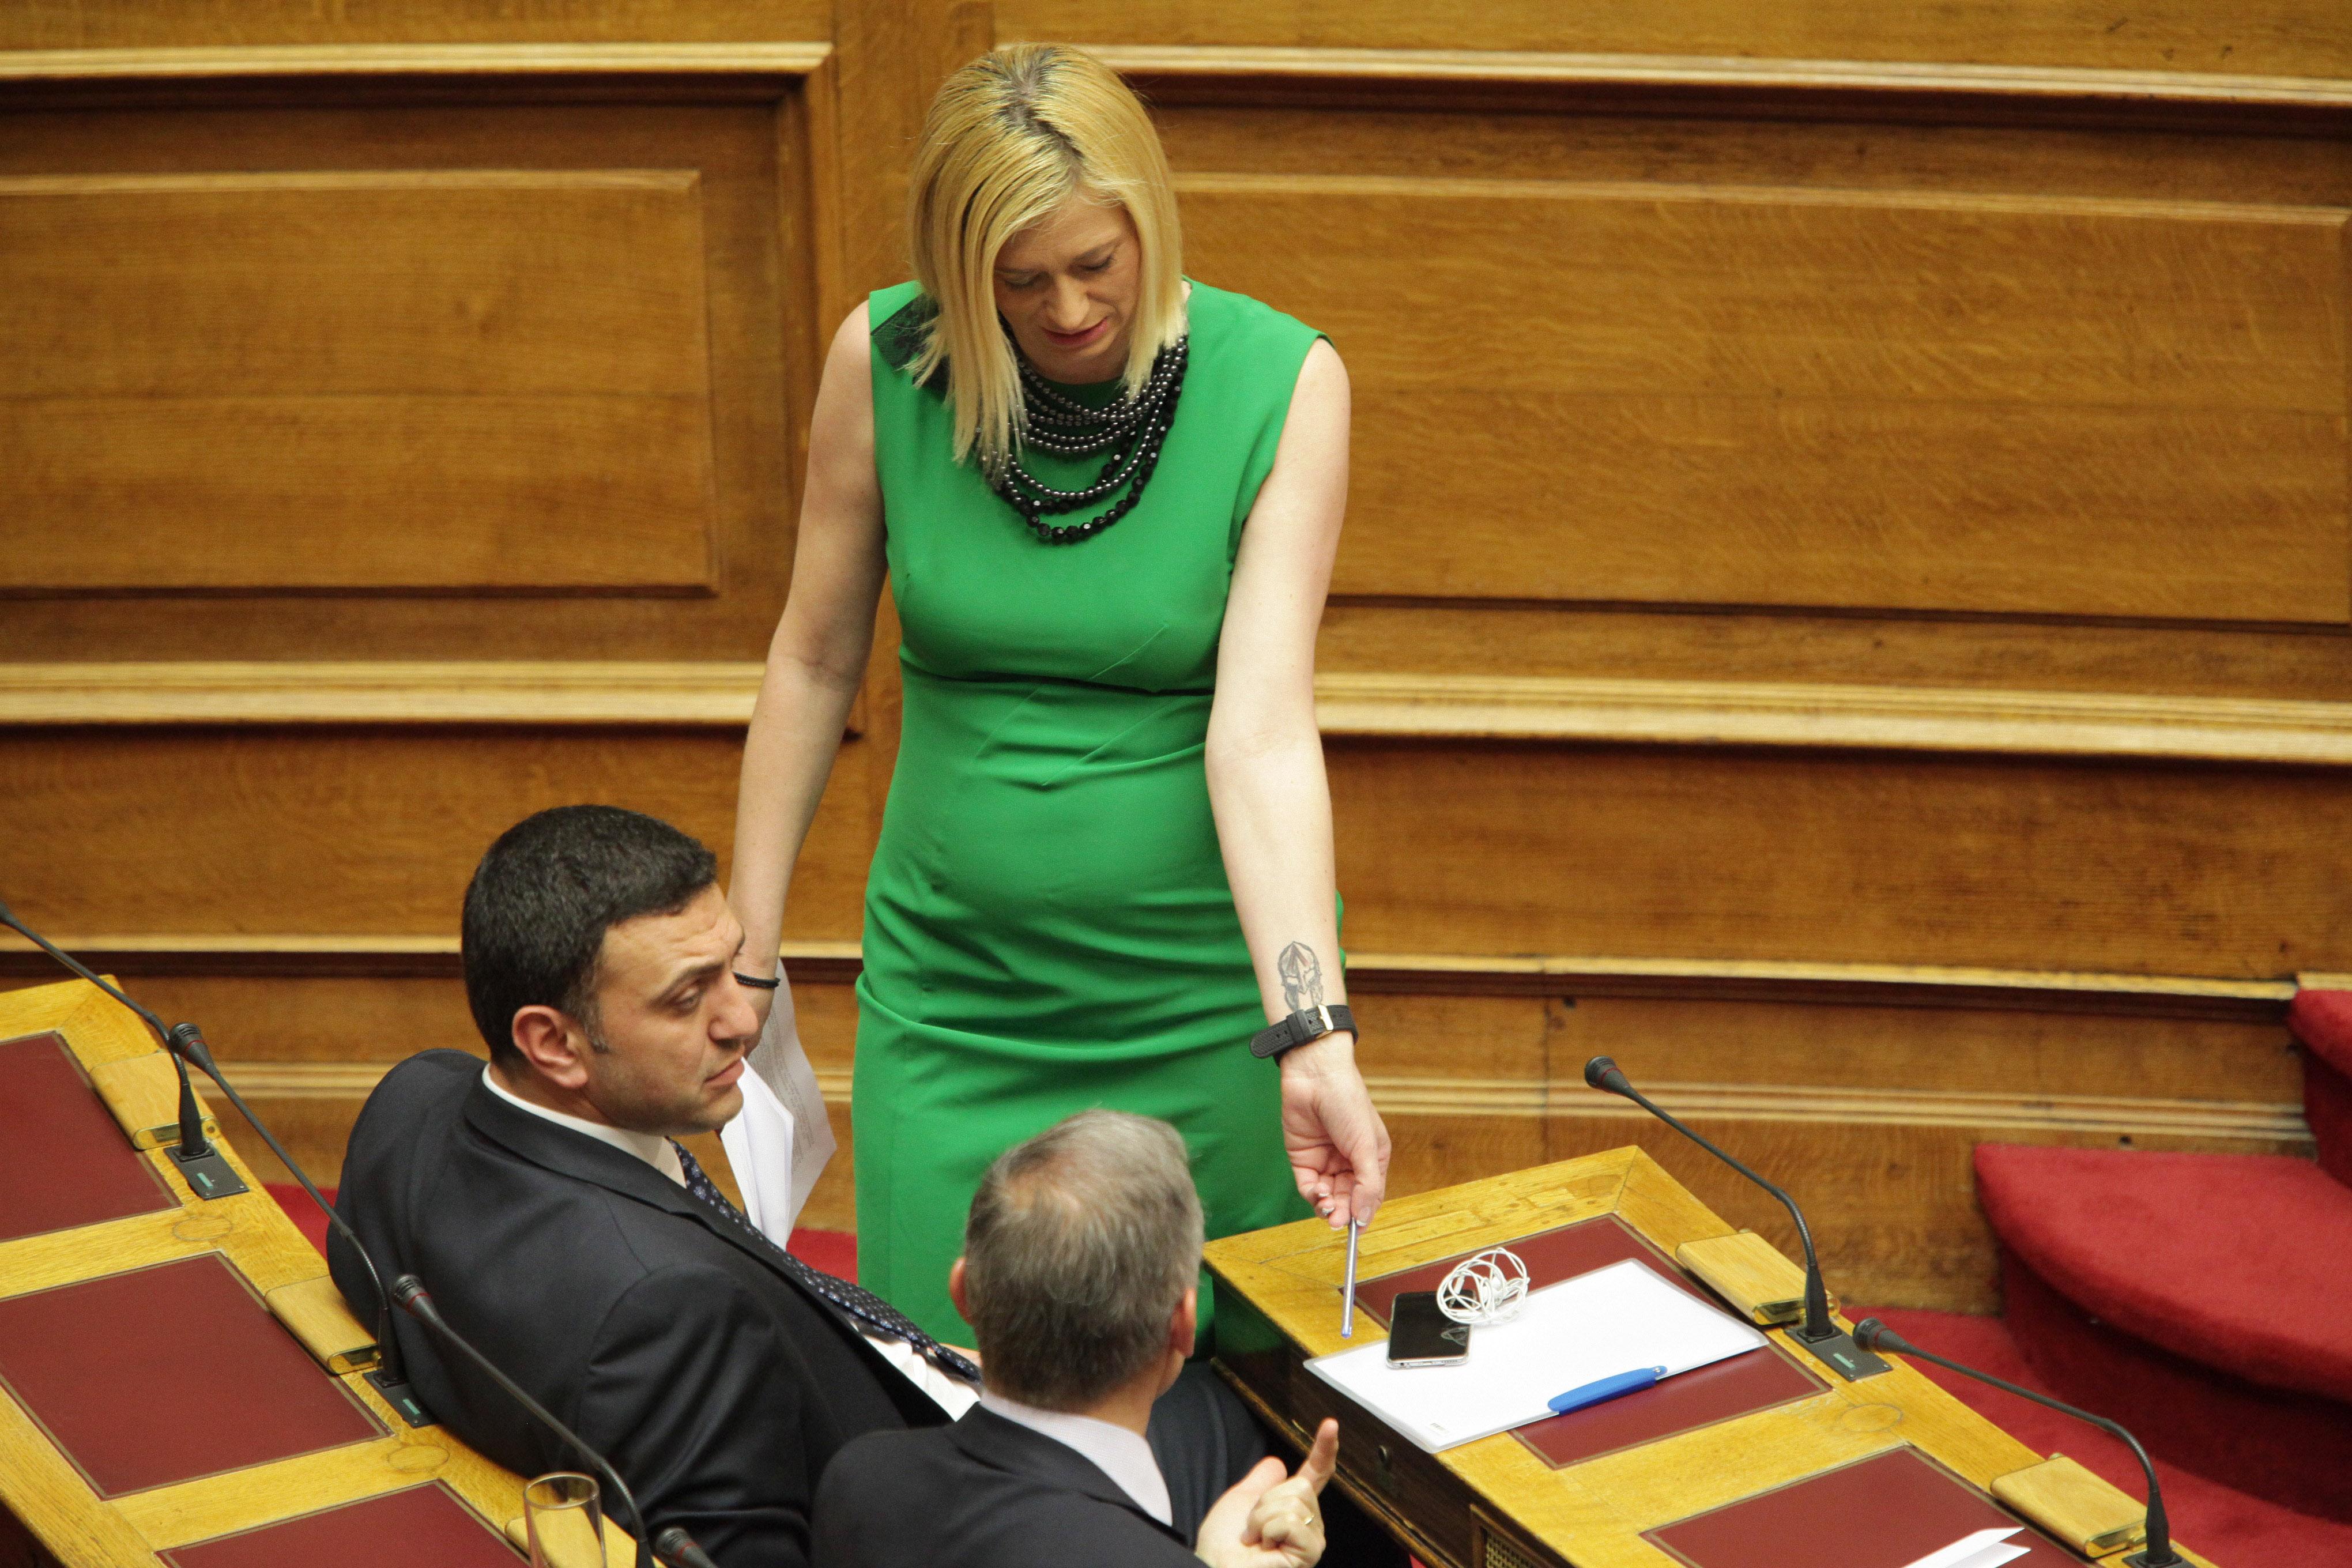 Το στενό πράσινο φόρεμα της Ραχήλ Μακρή που έβαλε φωτιά στην Βουλή!![Photos]